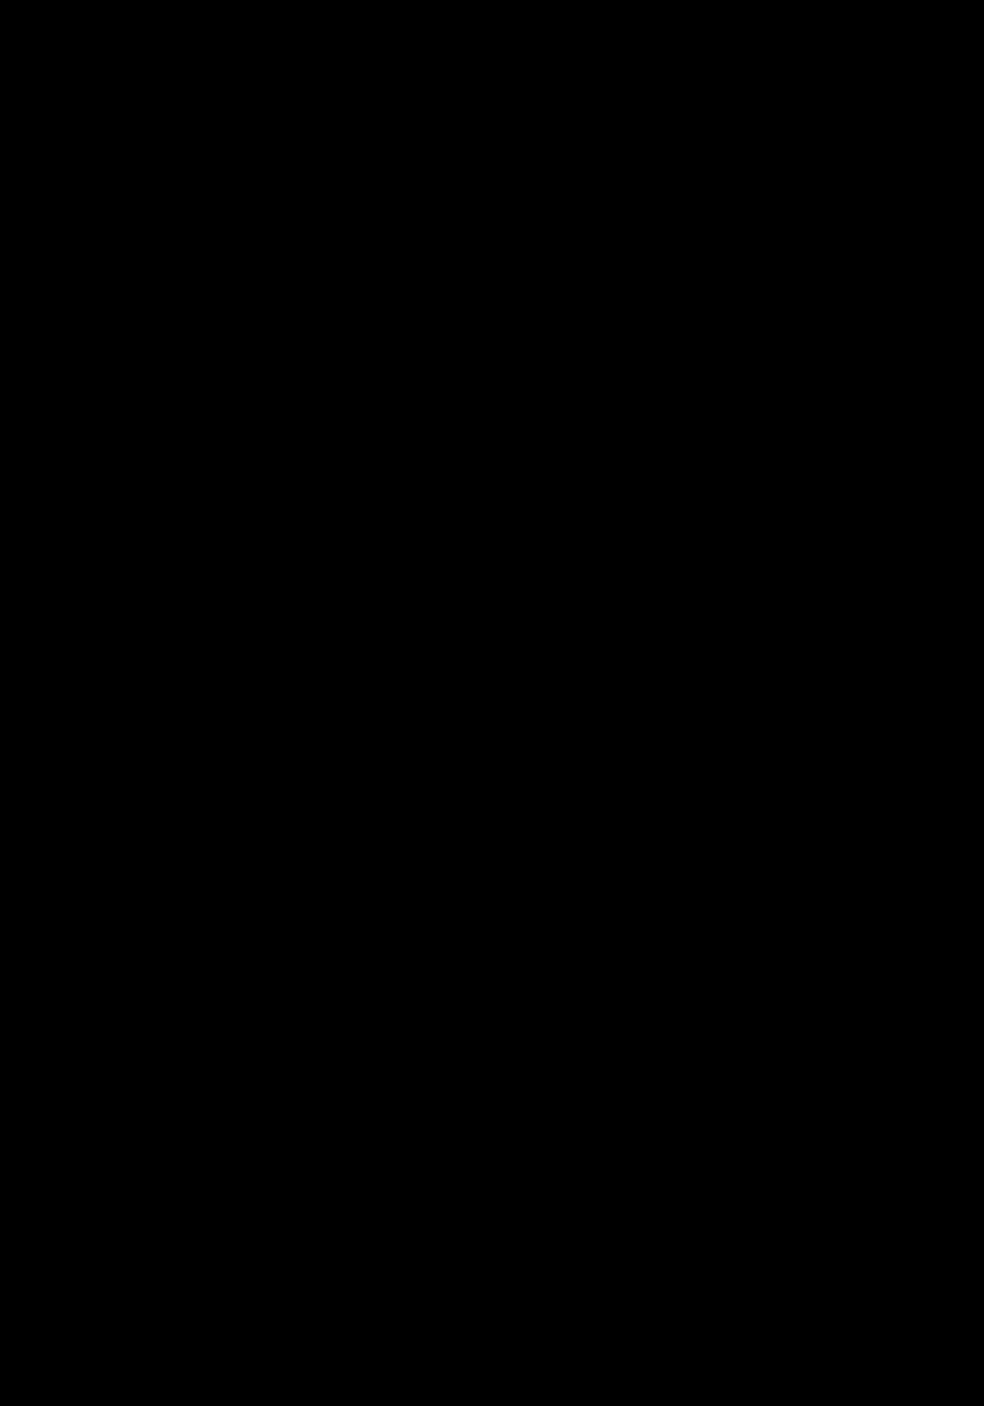 ゴーシャ OS OSSG 横組見本